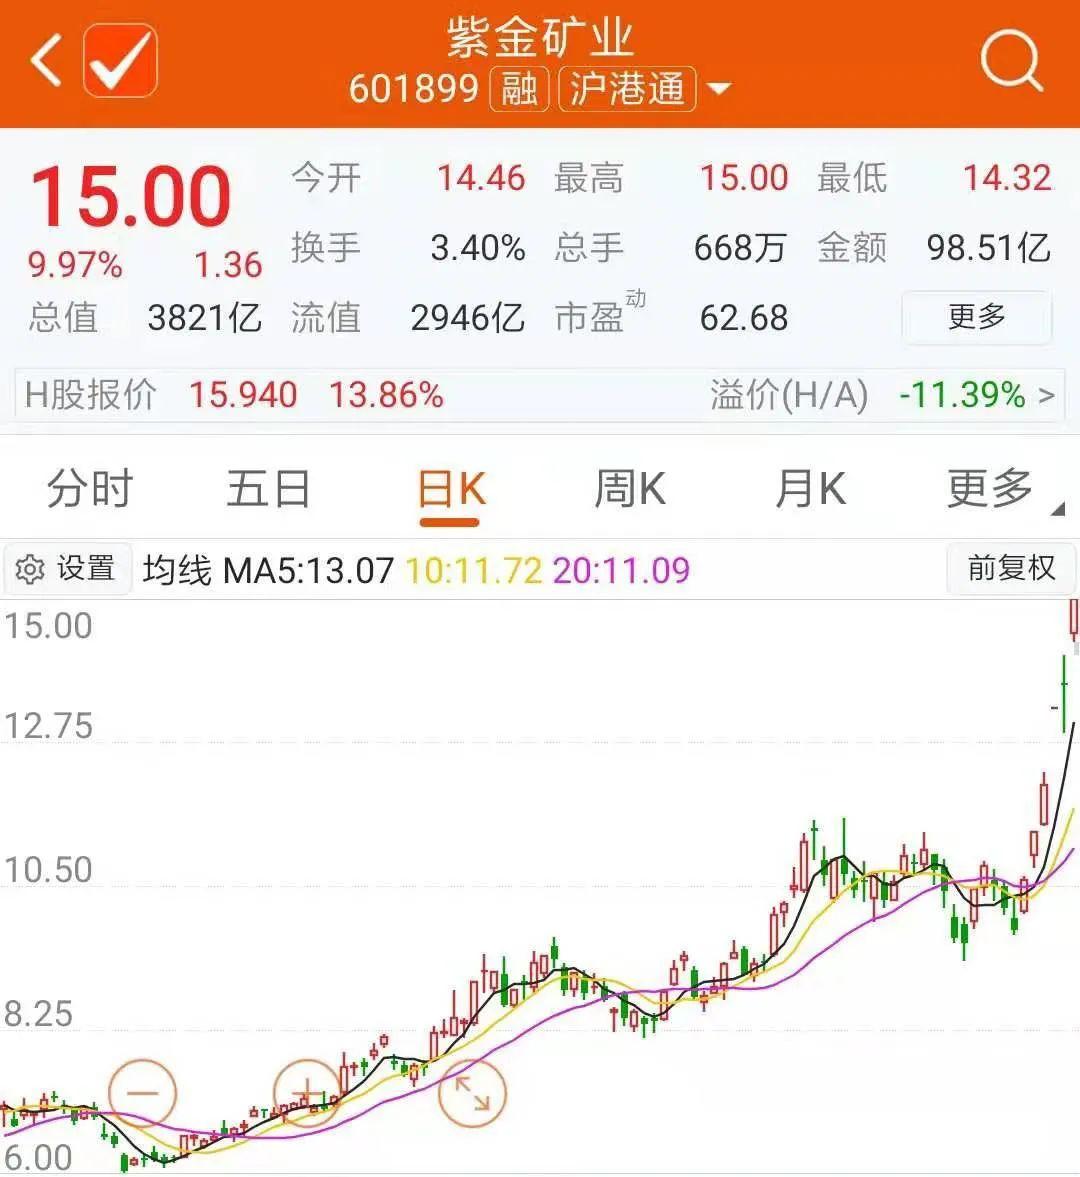 紫金陈笑了!邓晓峰和董承非也双双赚了近70亿元……